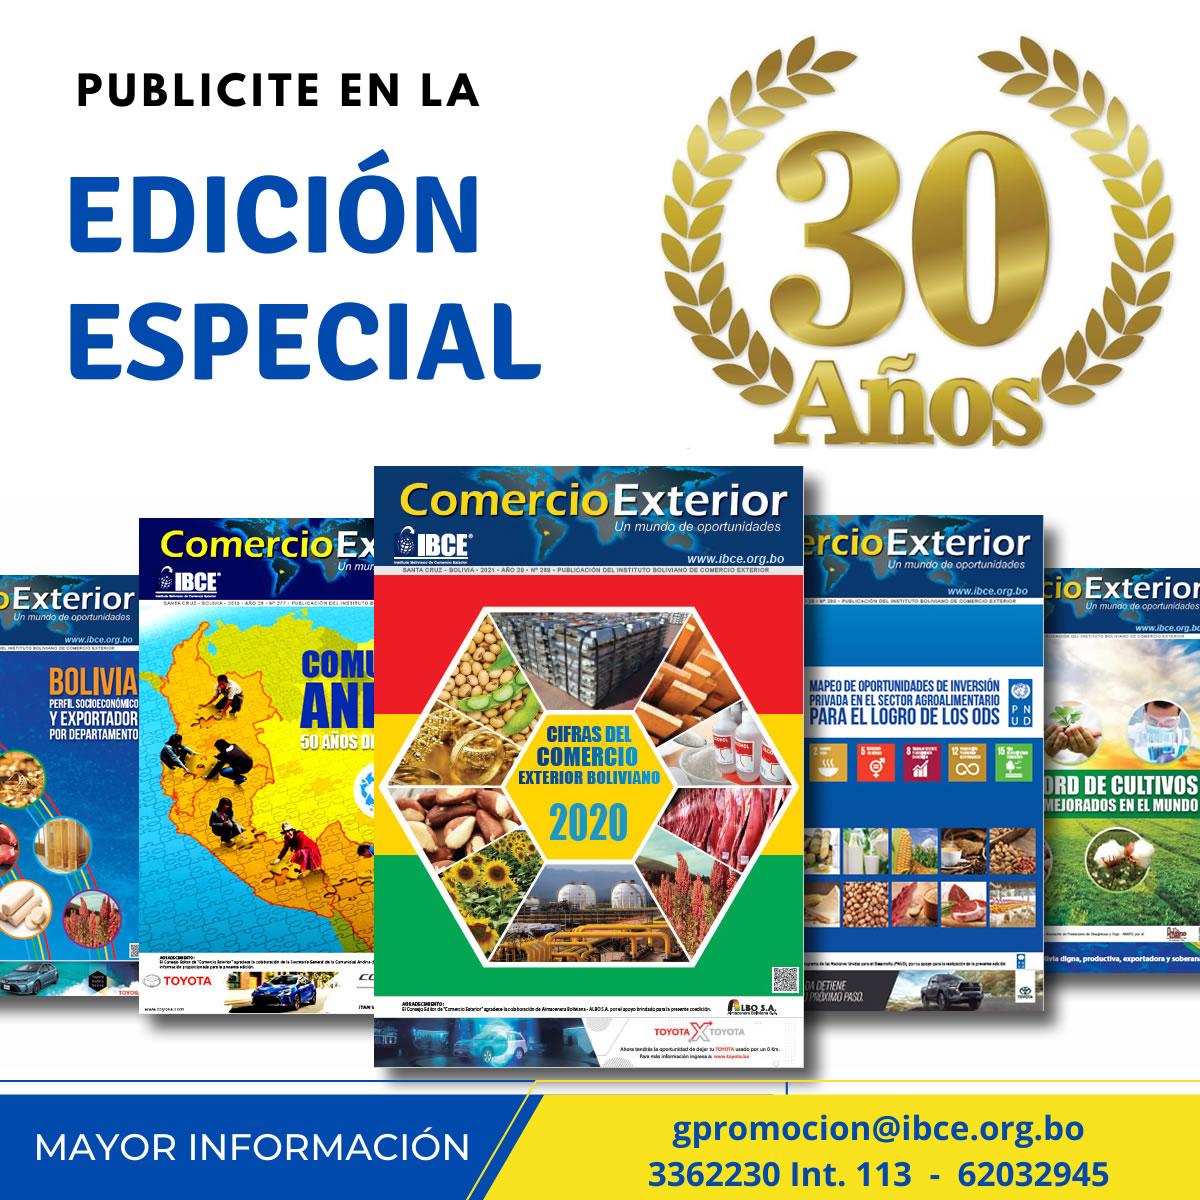 30 Años - Periódico Comercio Exterior - IBCE